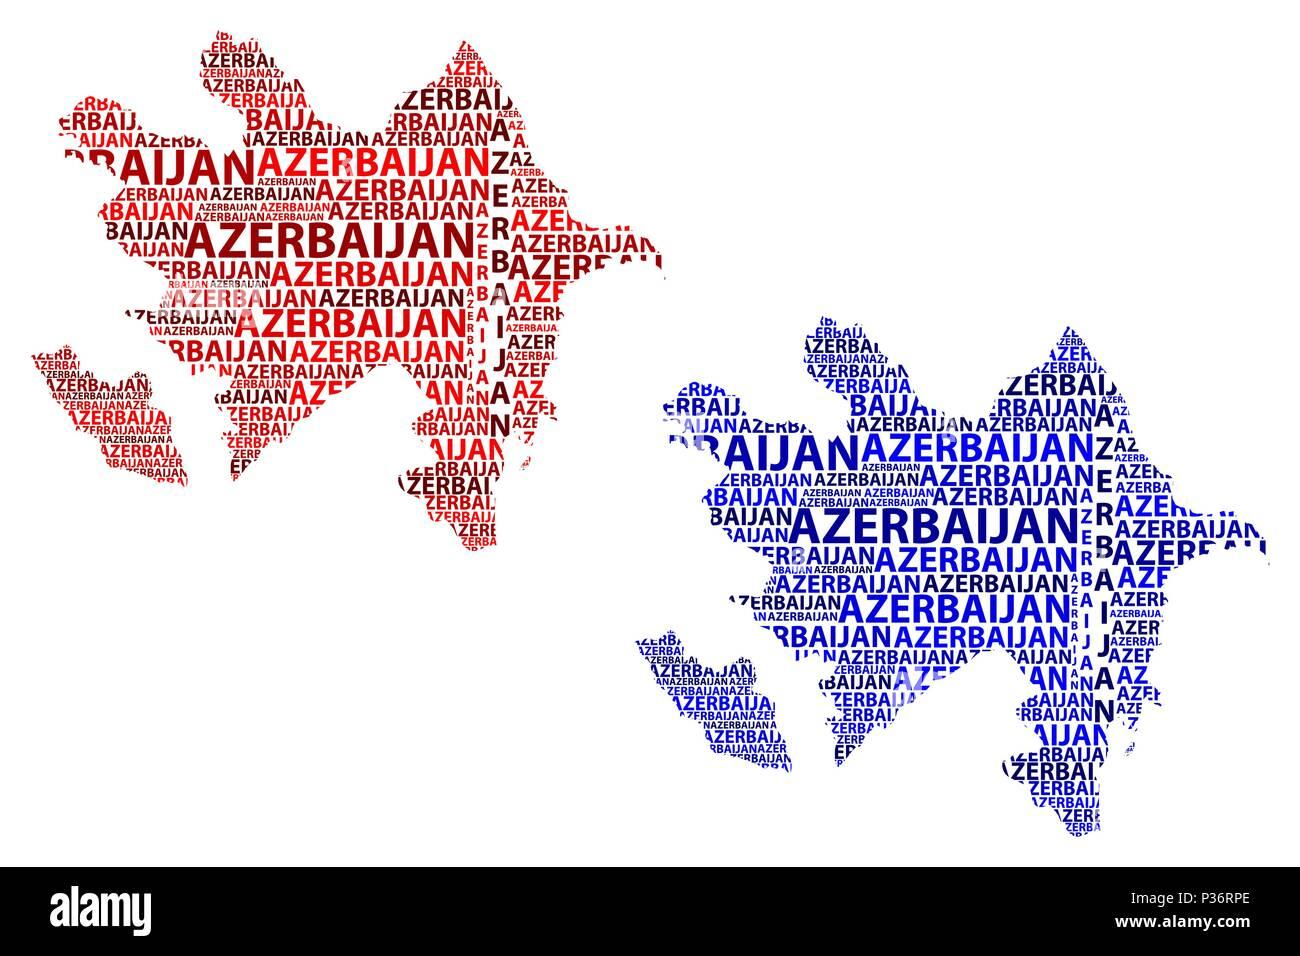 Skizze Aserbaidschan Schreiben Text Karte Aserbaidschan In Der Form Des Kontinents Karte Republik Aserbaidschan Rot Und Blau Vector Illustration Stock Vektorgrafik Alamy